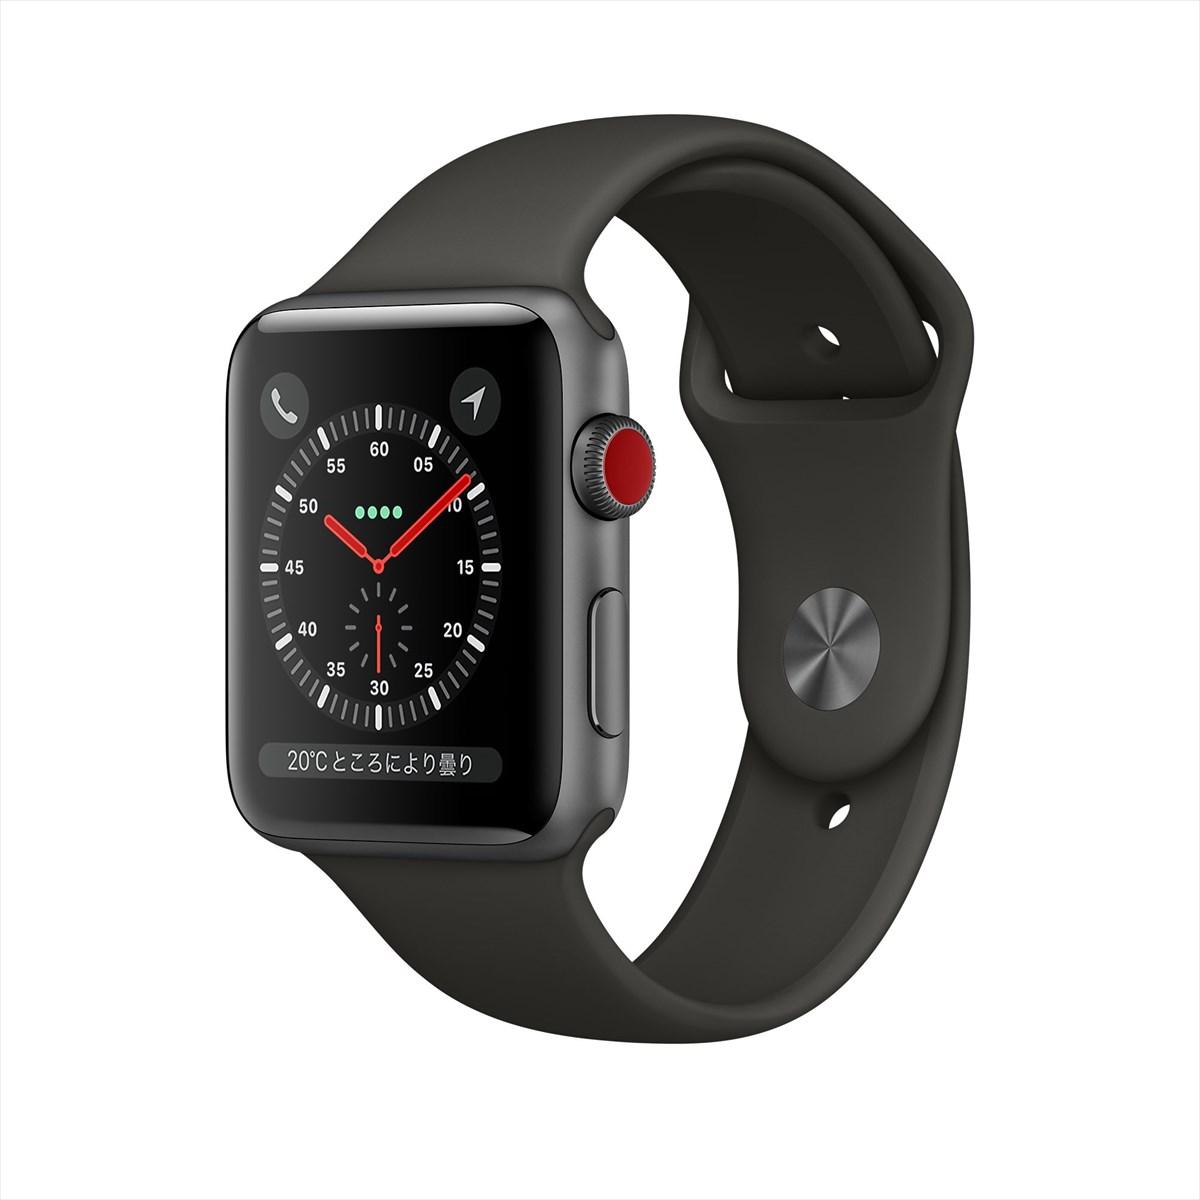 アップルウォッチ 本体 Apple Watch Series 3 42mm スペースグレイアルミニウムケースとブラックスポーツバンド シリーズ3 (GPS + Cellularモデル)MQKN2J/A